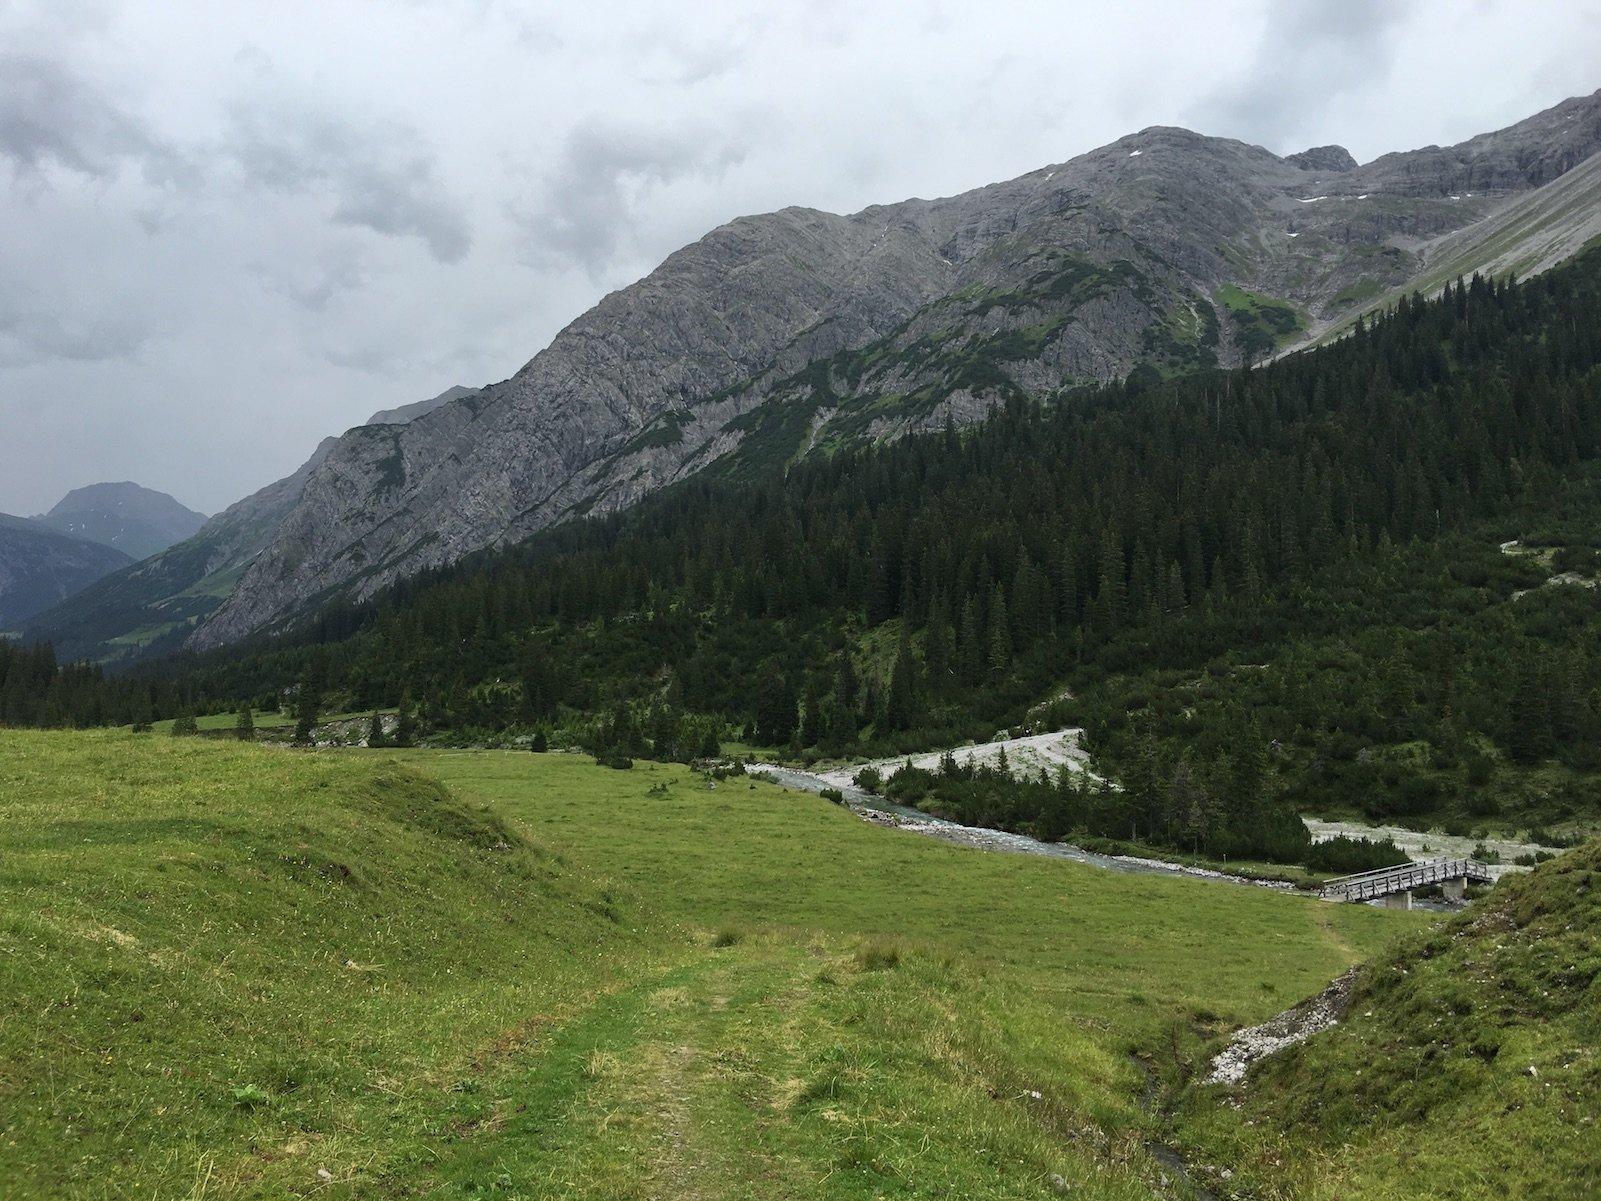 Ein paar Meter zurück zu Lech und Lechweg vom Restaurant Älple aus